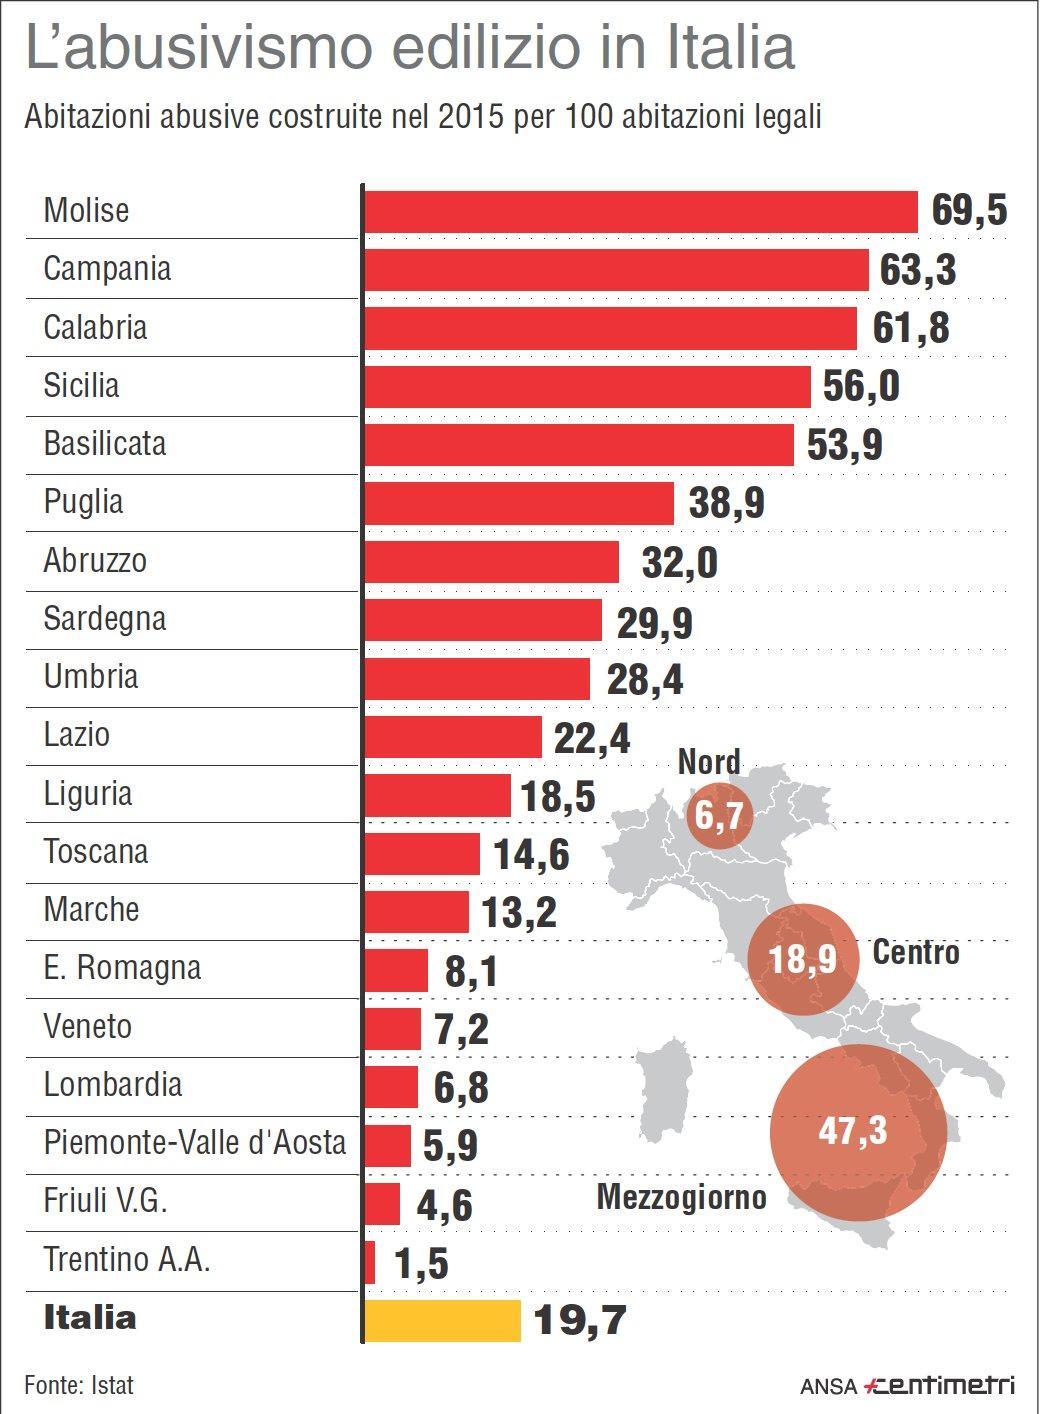 Abusivismo in Italia, la classifica delle regioni peggiori